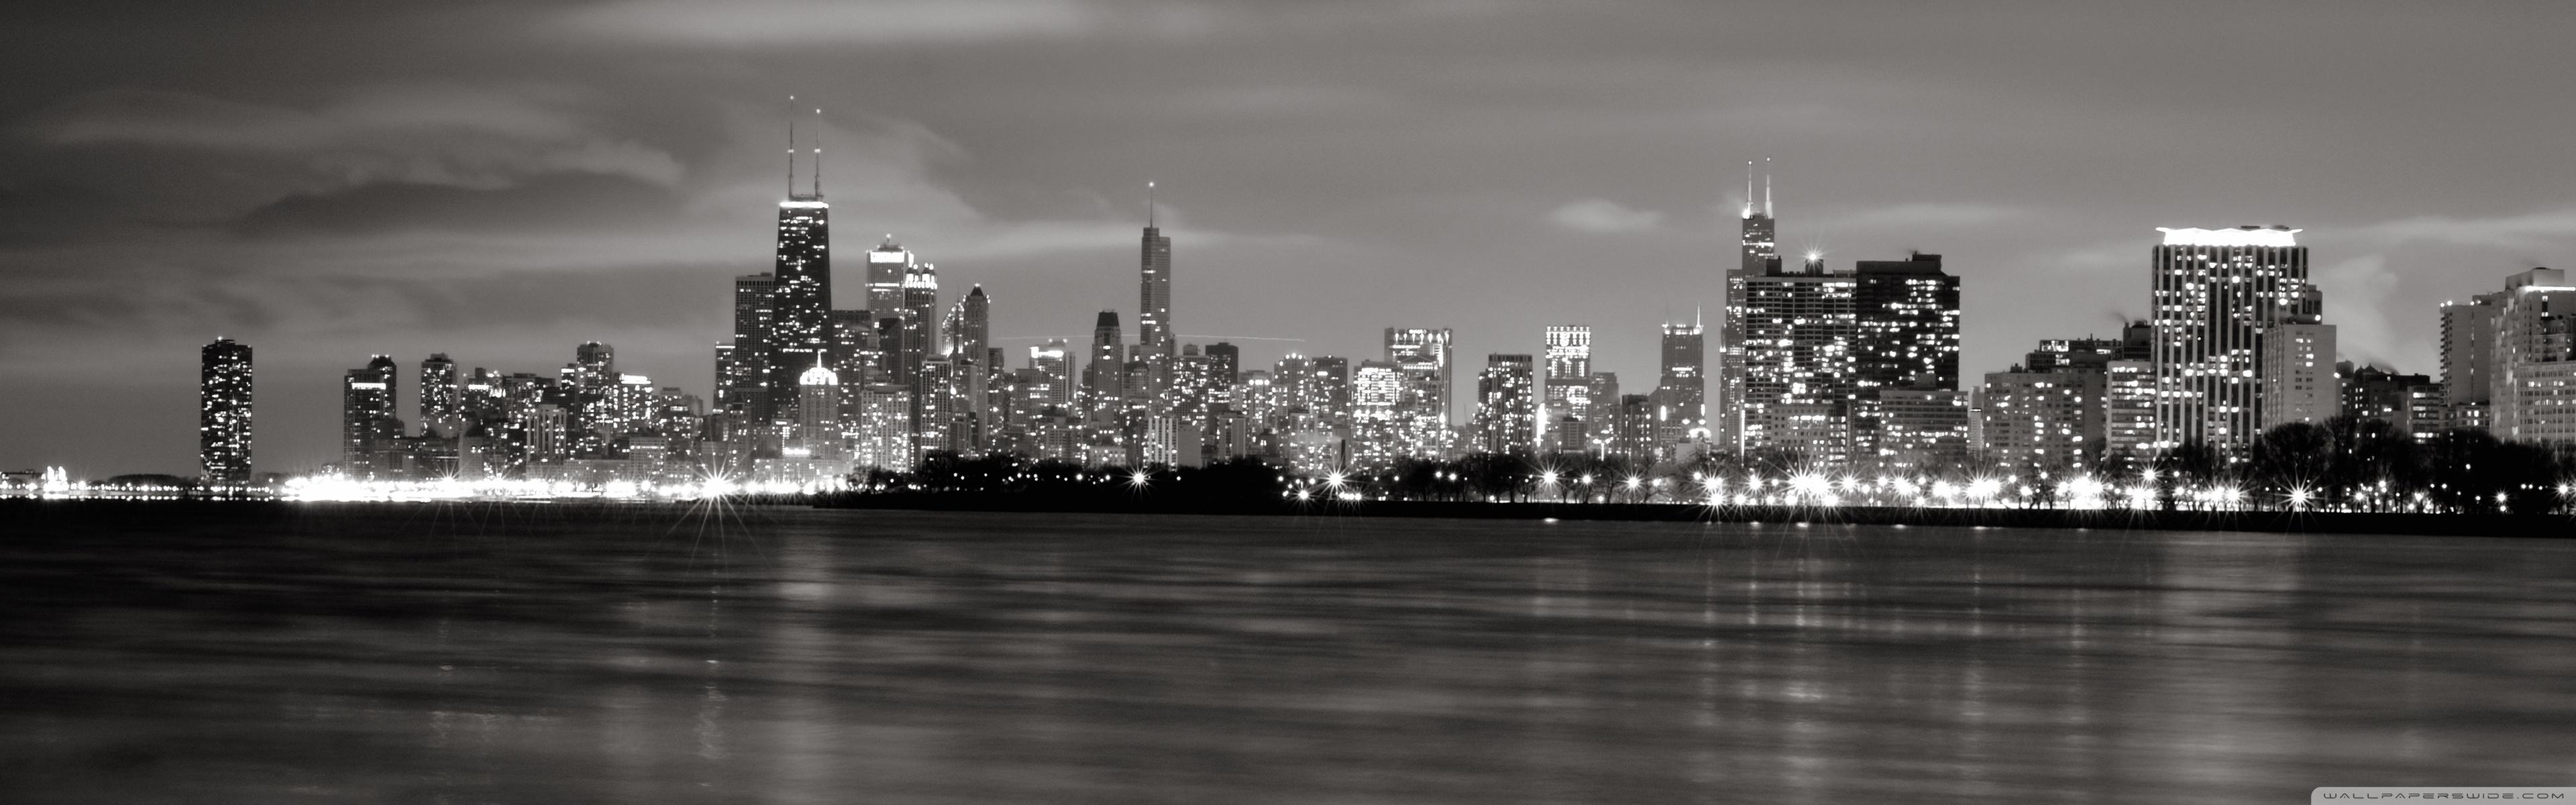 chicago skyline bw ❤ 4k hd desktop wallpaper for 4k ultra hd tv